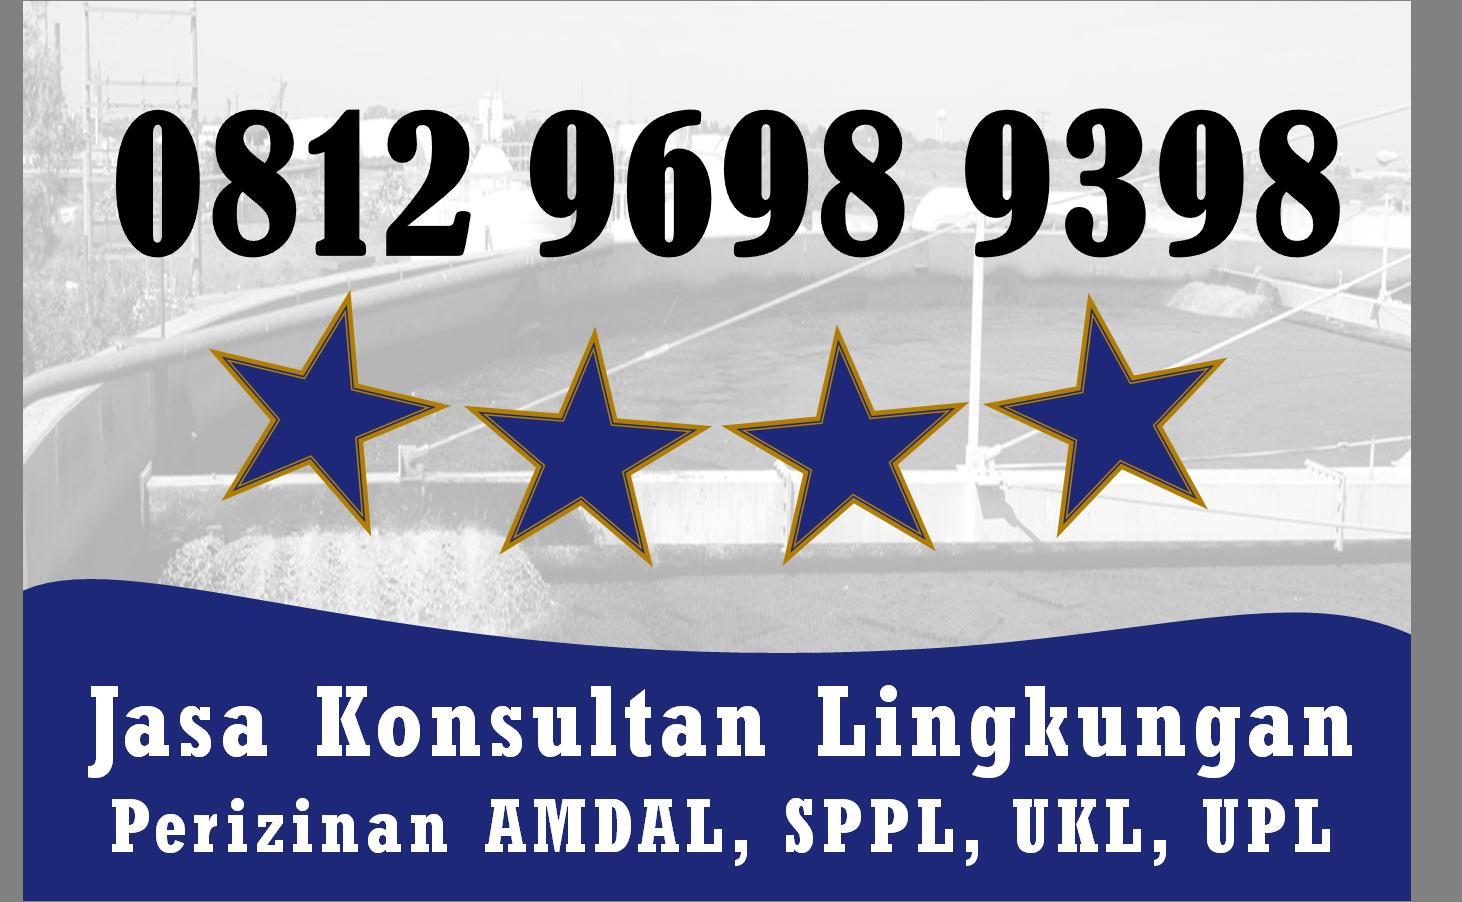 Hanya Disini Telp Wa 0812 9698 9398 Form Laporan Ukl Upl Kab Way Kanan Lampung Kota Bukittinggi Kota Manado Perencanaan